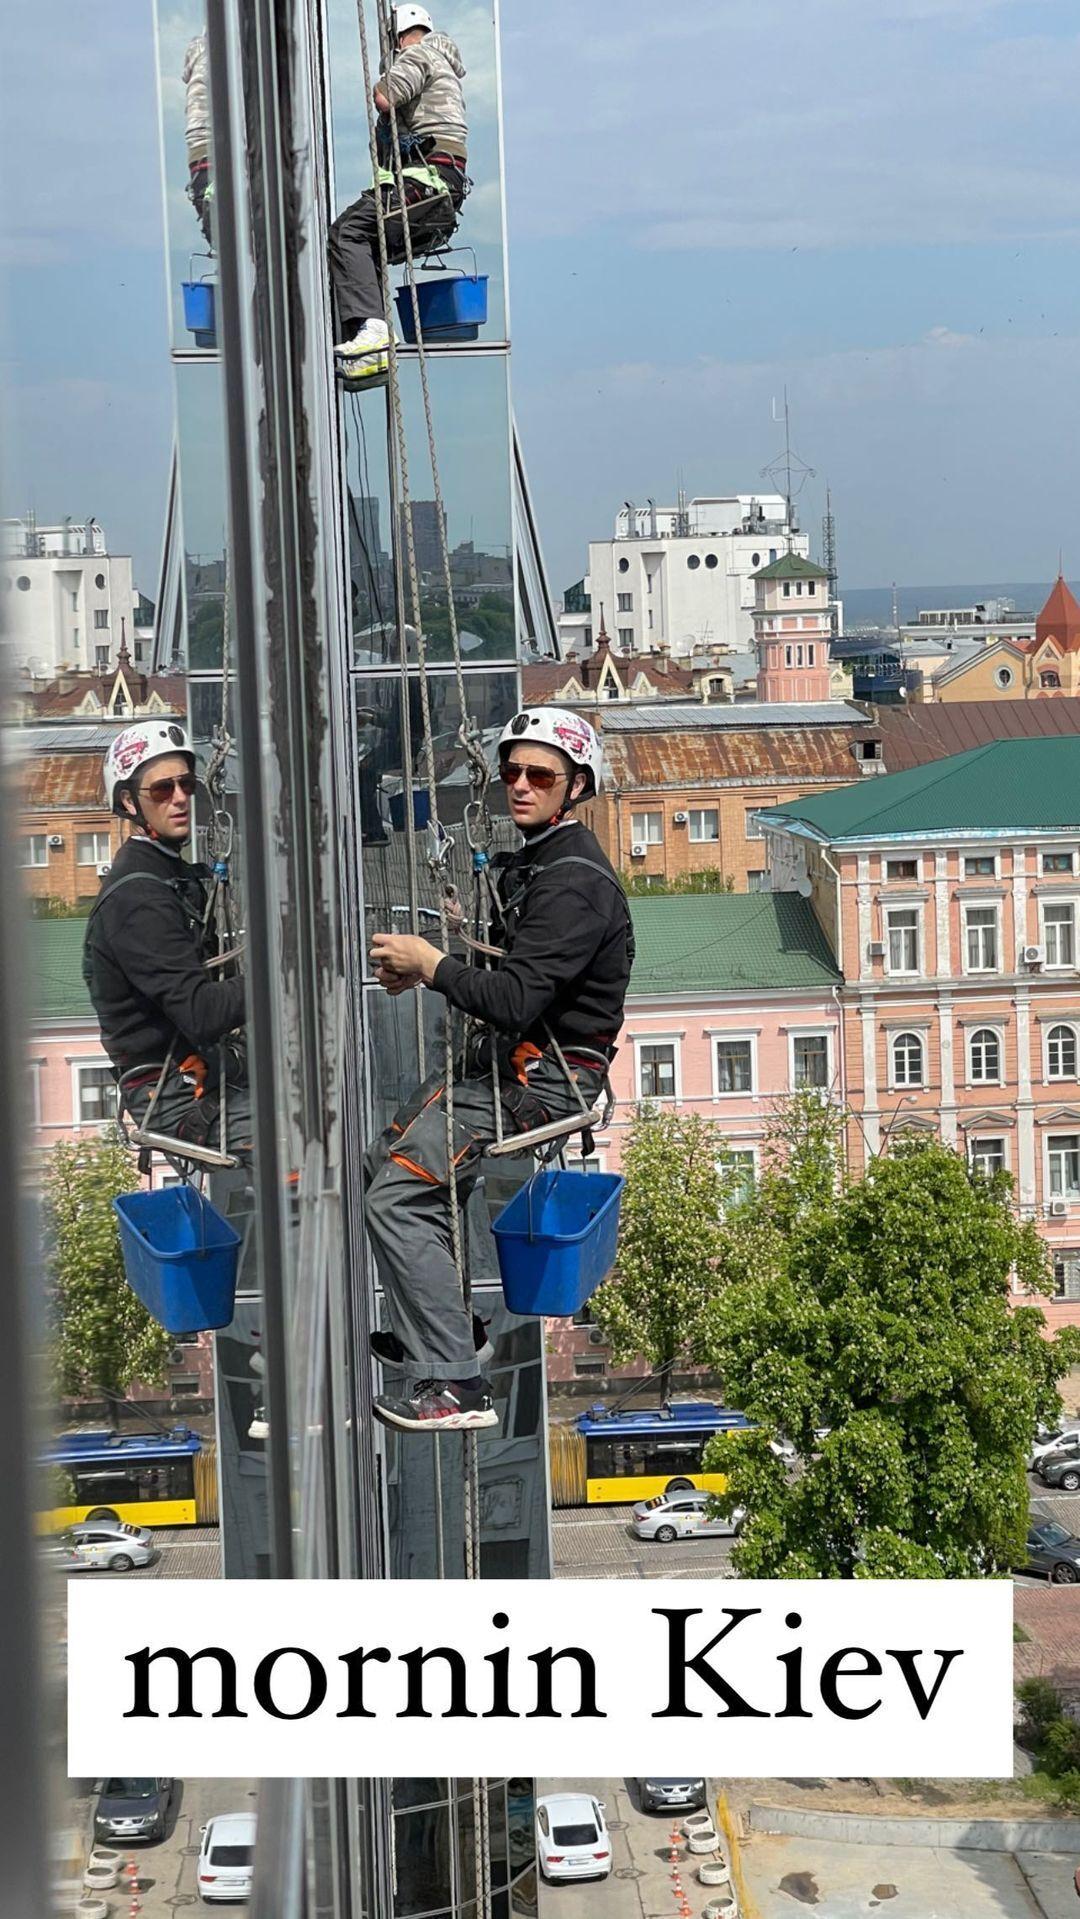 Тіна Кунакі прилетіла до Києва для зйомок в рекламі